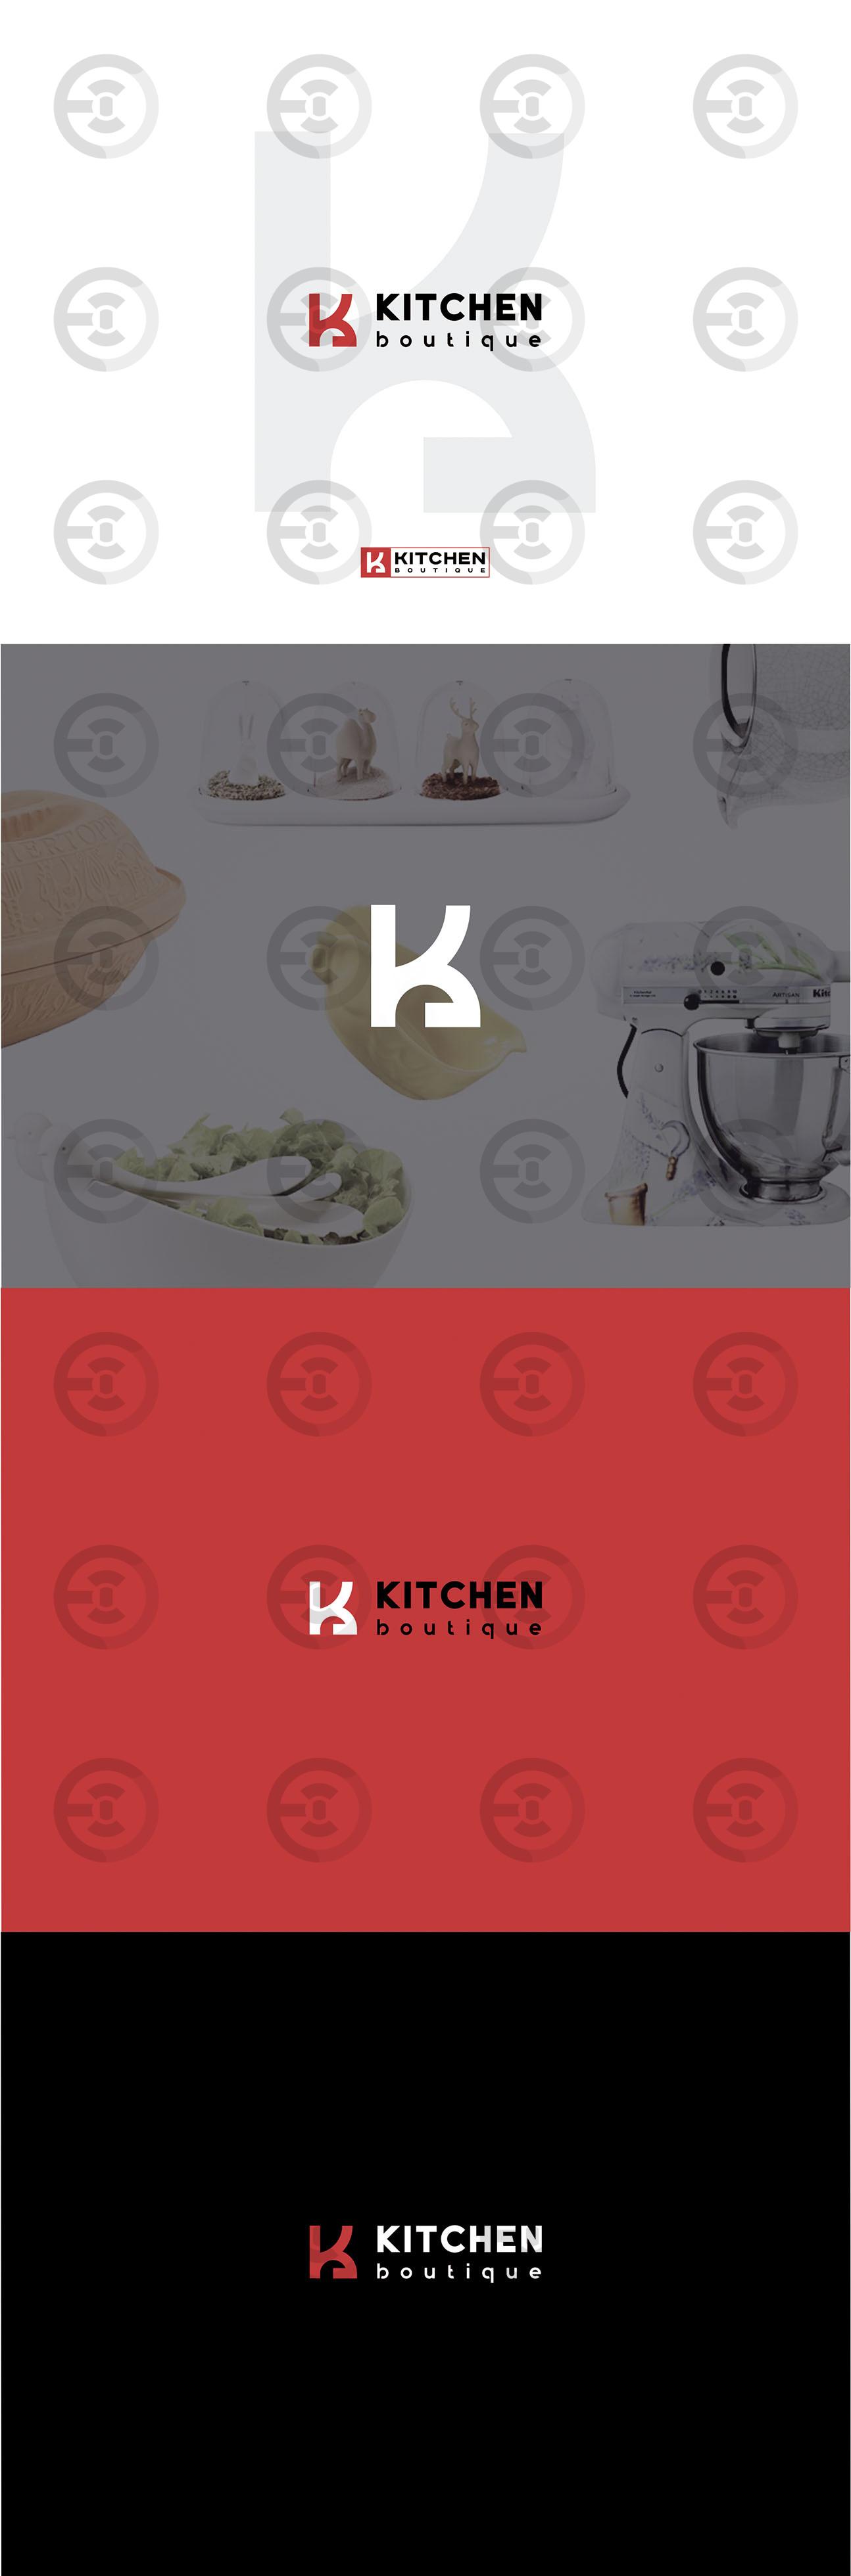 Kitchen.boutique1.jpg